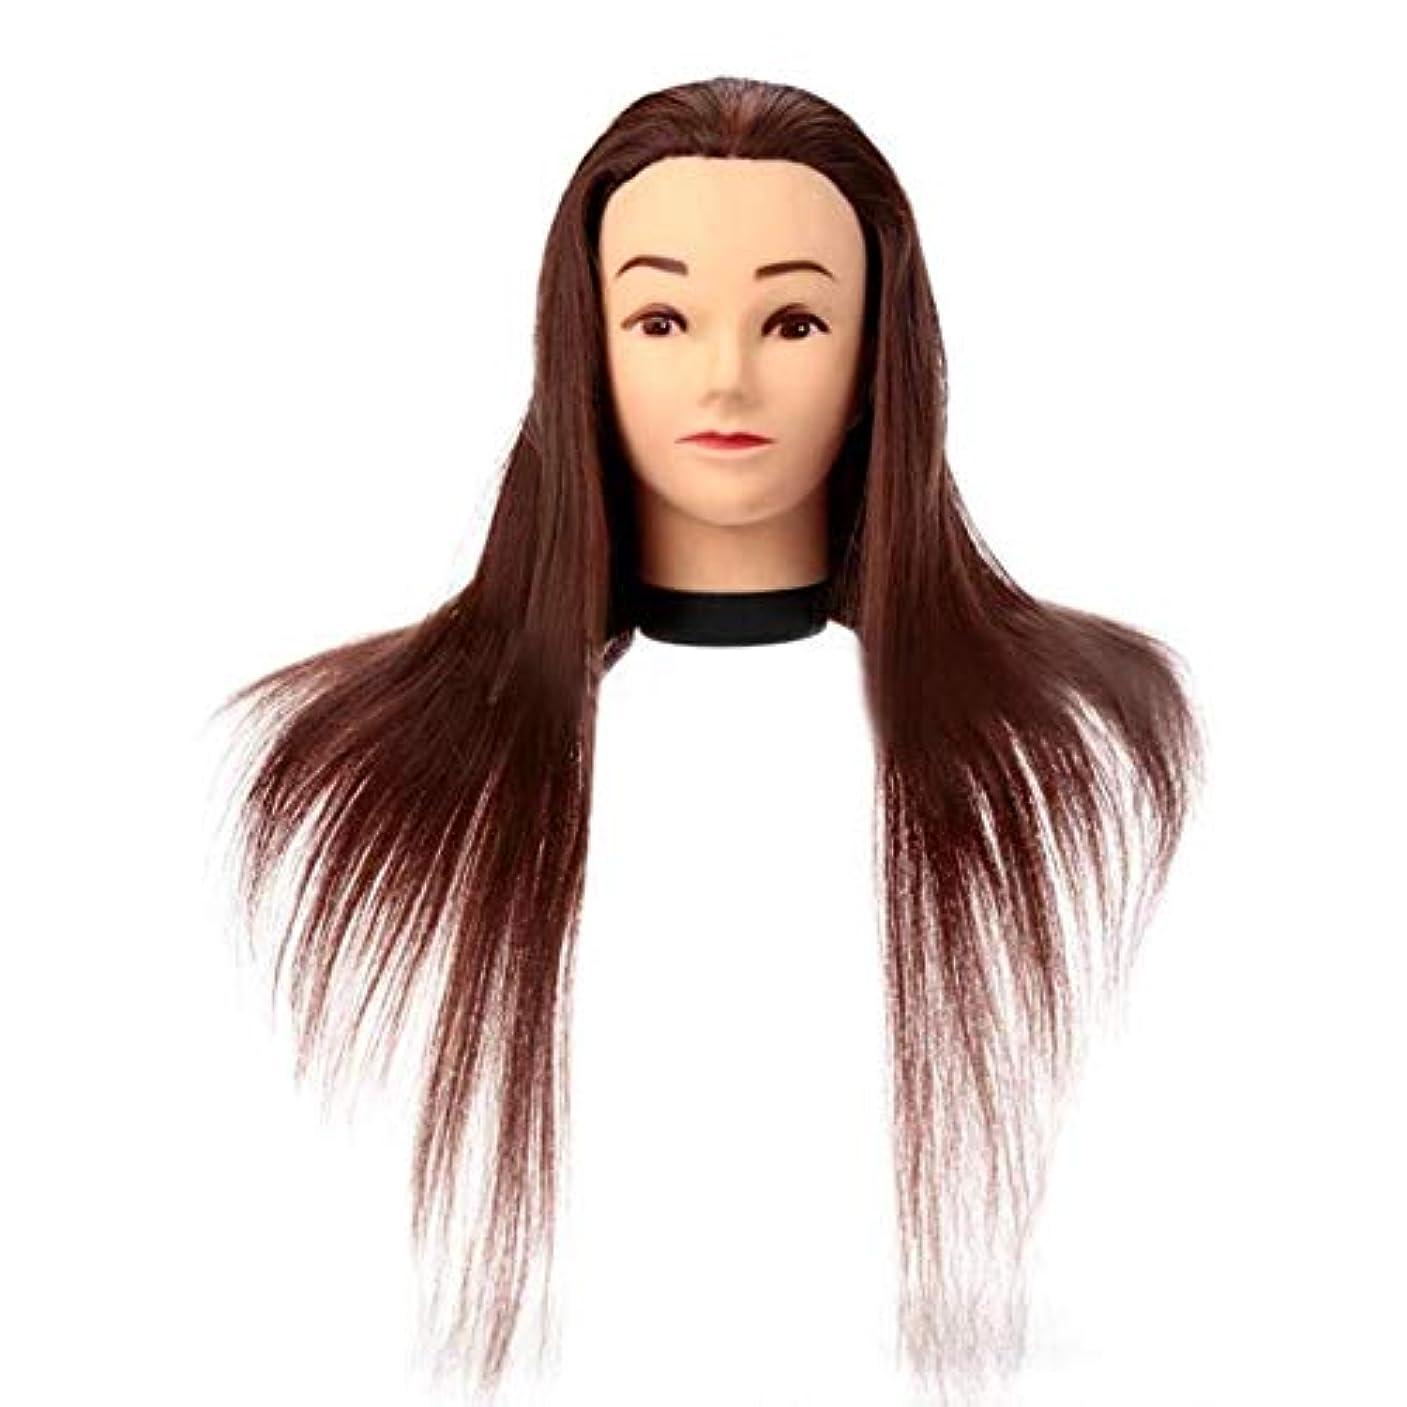 遅滞邪悪な悪意のあるサロン散髪練習ヘッドモデルメイク学校編組髪開発学習モデルヘッドヘアストレートロングかつら